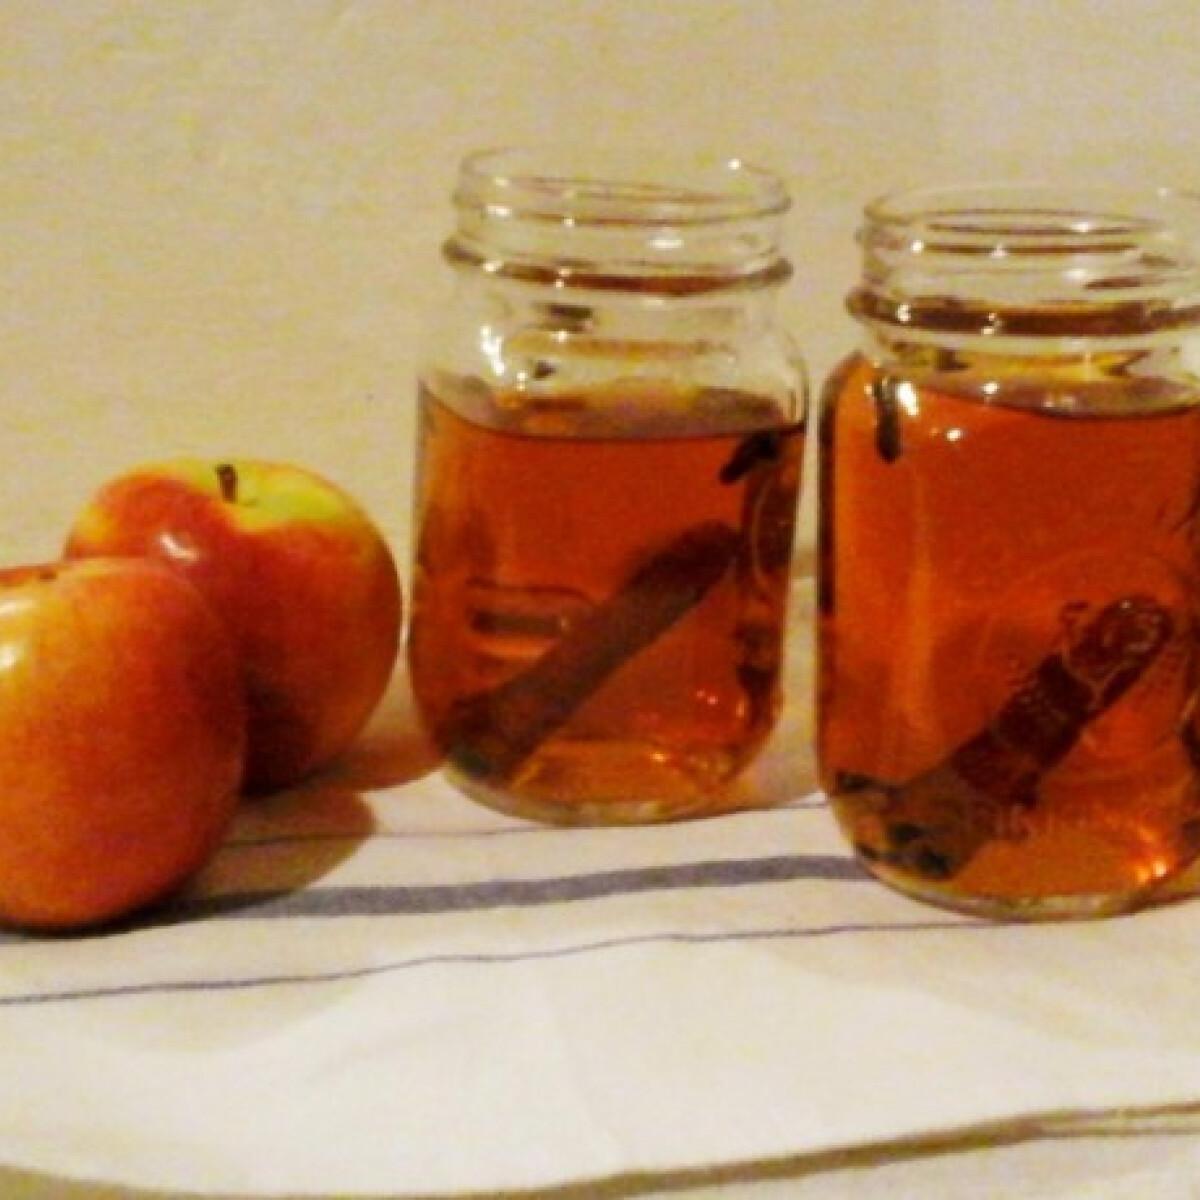 Fűszeres meleg almalé